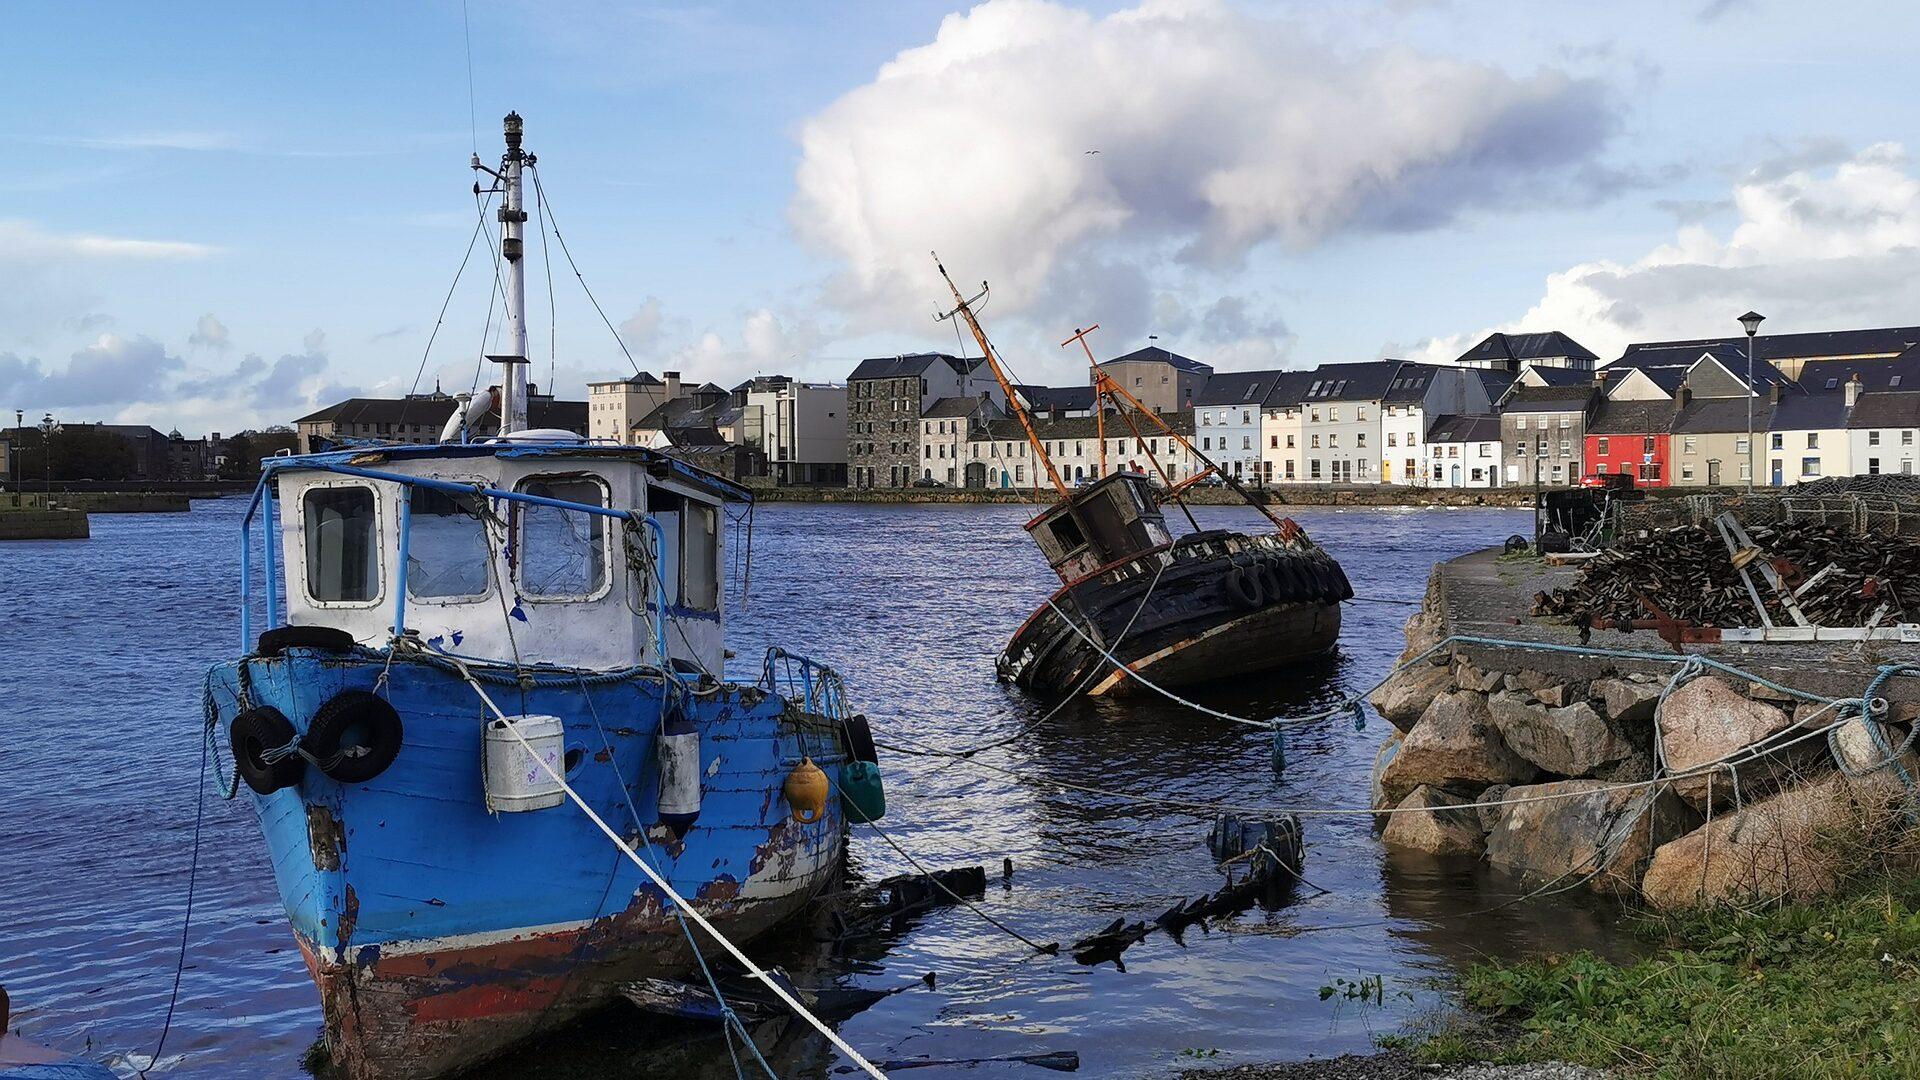 Alcune navi arrugginite impreziosiscono il panorama a Galway in un giorno.